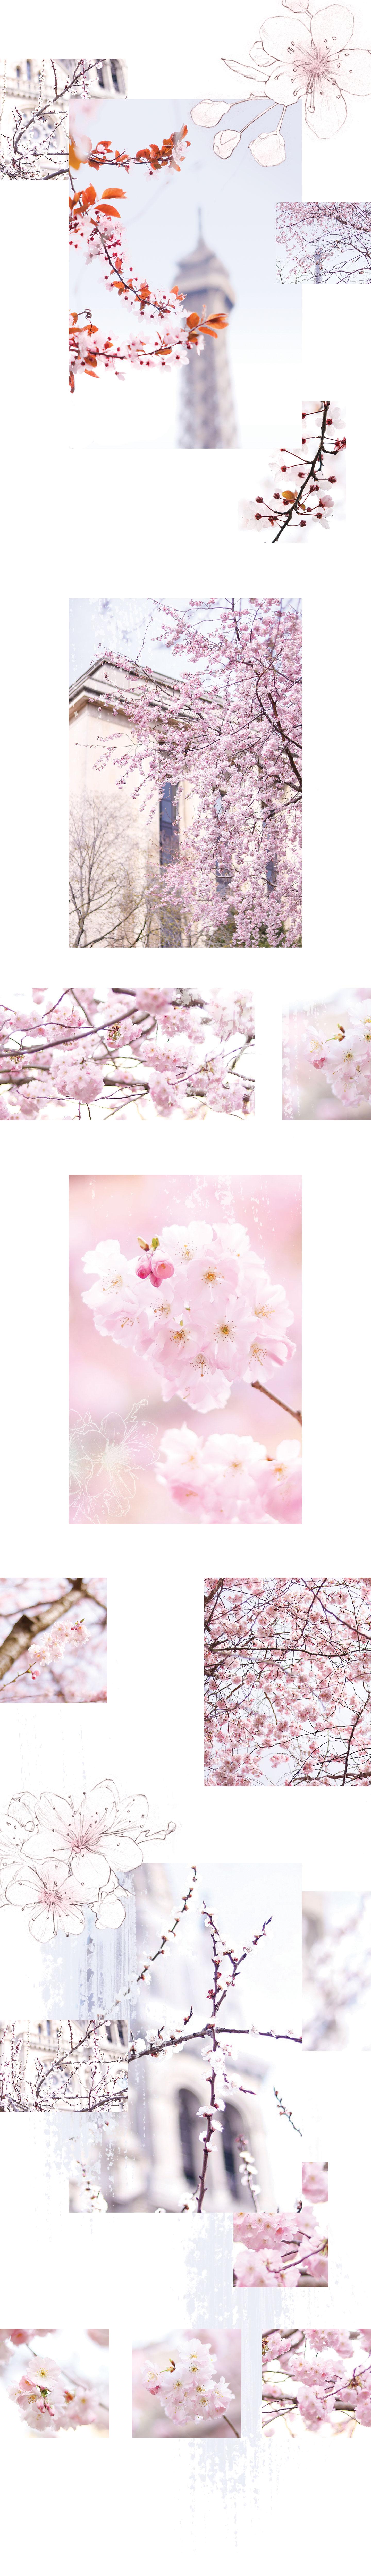 Le Printemps à Paris |S'il y a bien un événement que j'attends chaque année avec impatience, c'est l'arrivée du printemps à Paris. Dès que le mois de mars pointe son nez, j'adore guetter les premiers signes du réveil de la nature, et les premiers bourgeons dans les arbres… - Cliquez pour découvrir l'article